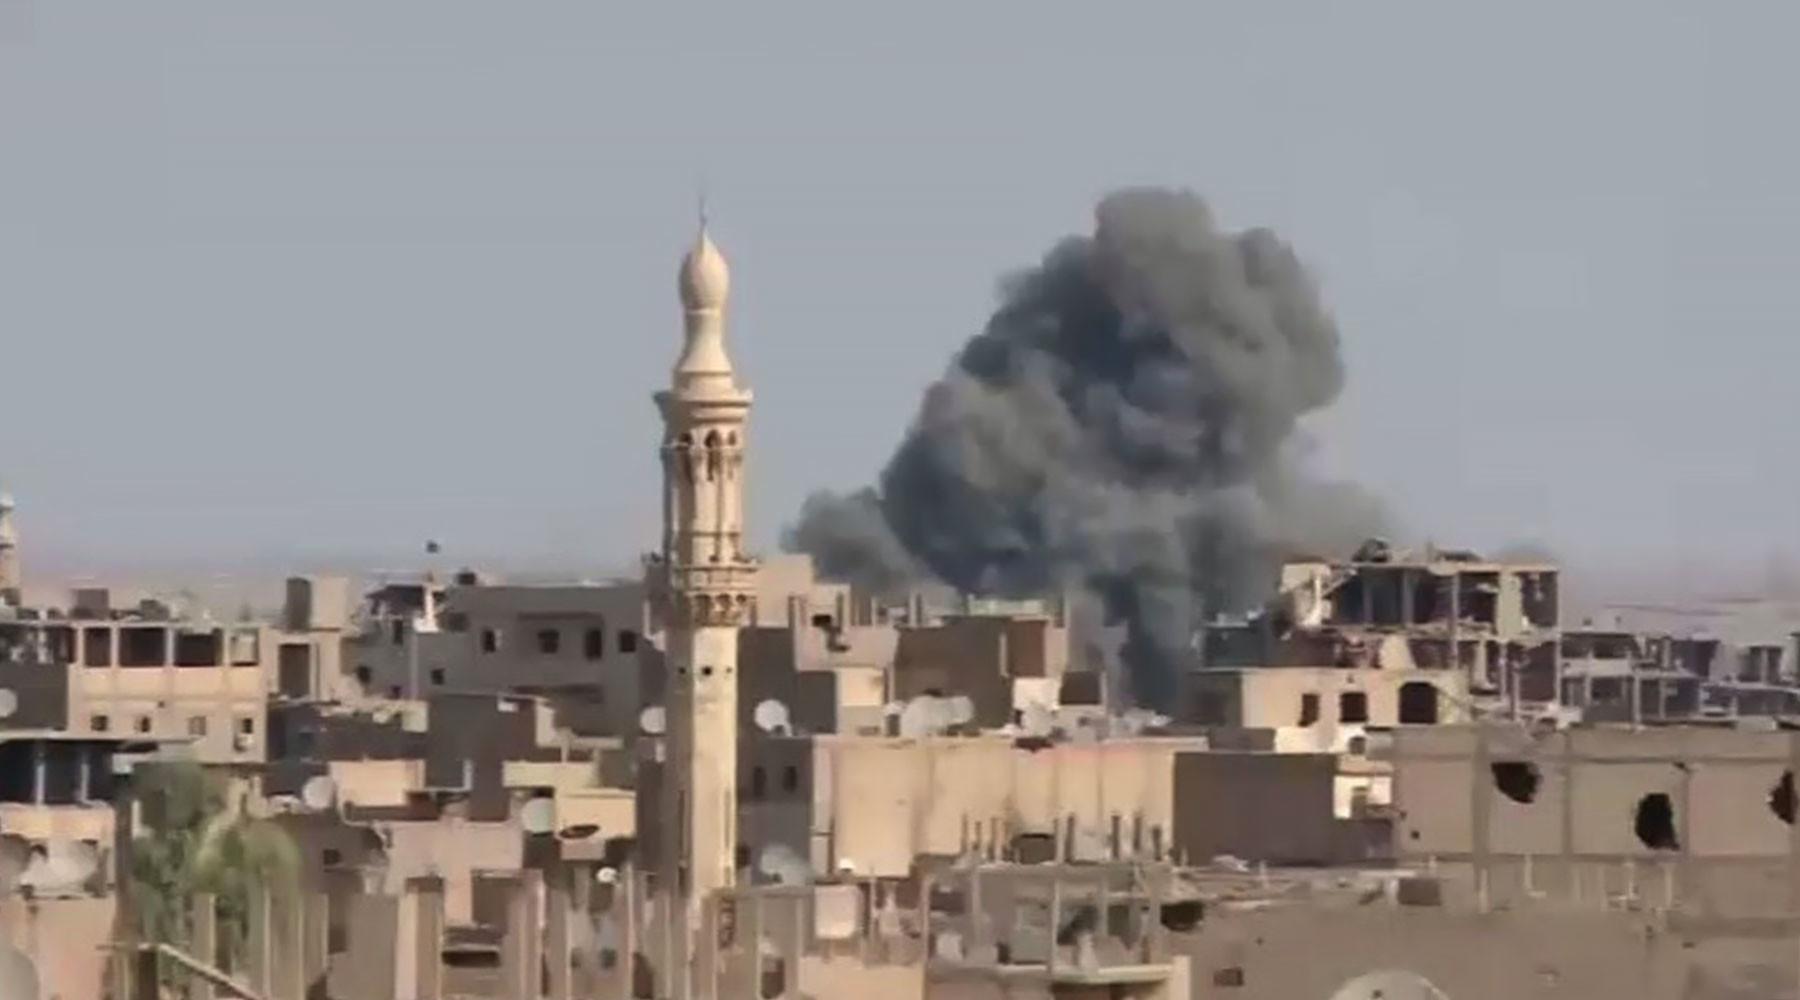 жертвами теракта в Дейр эз-Зоре стали 100 человек»